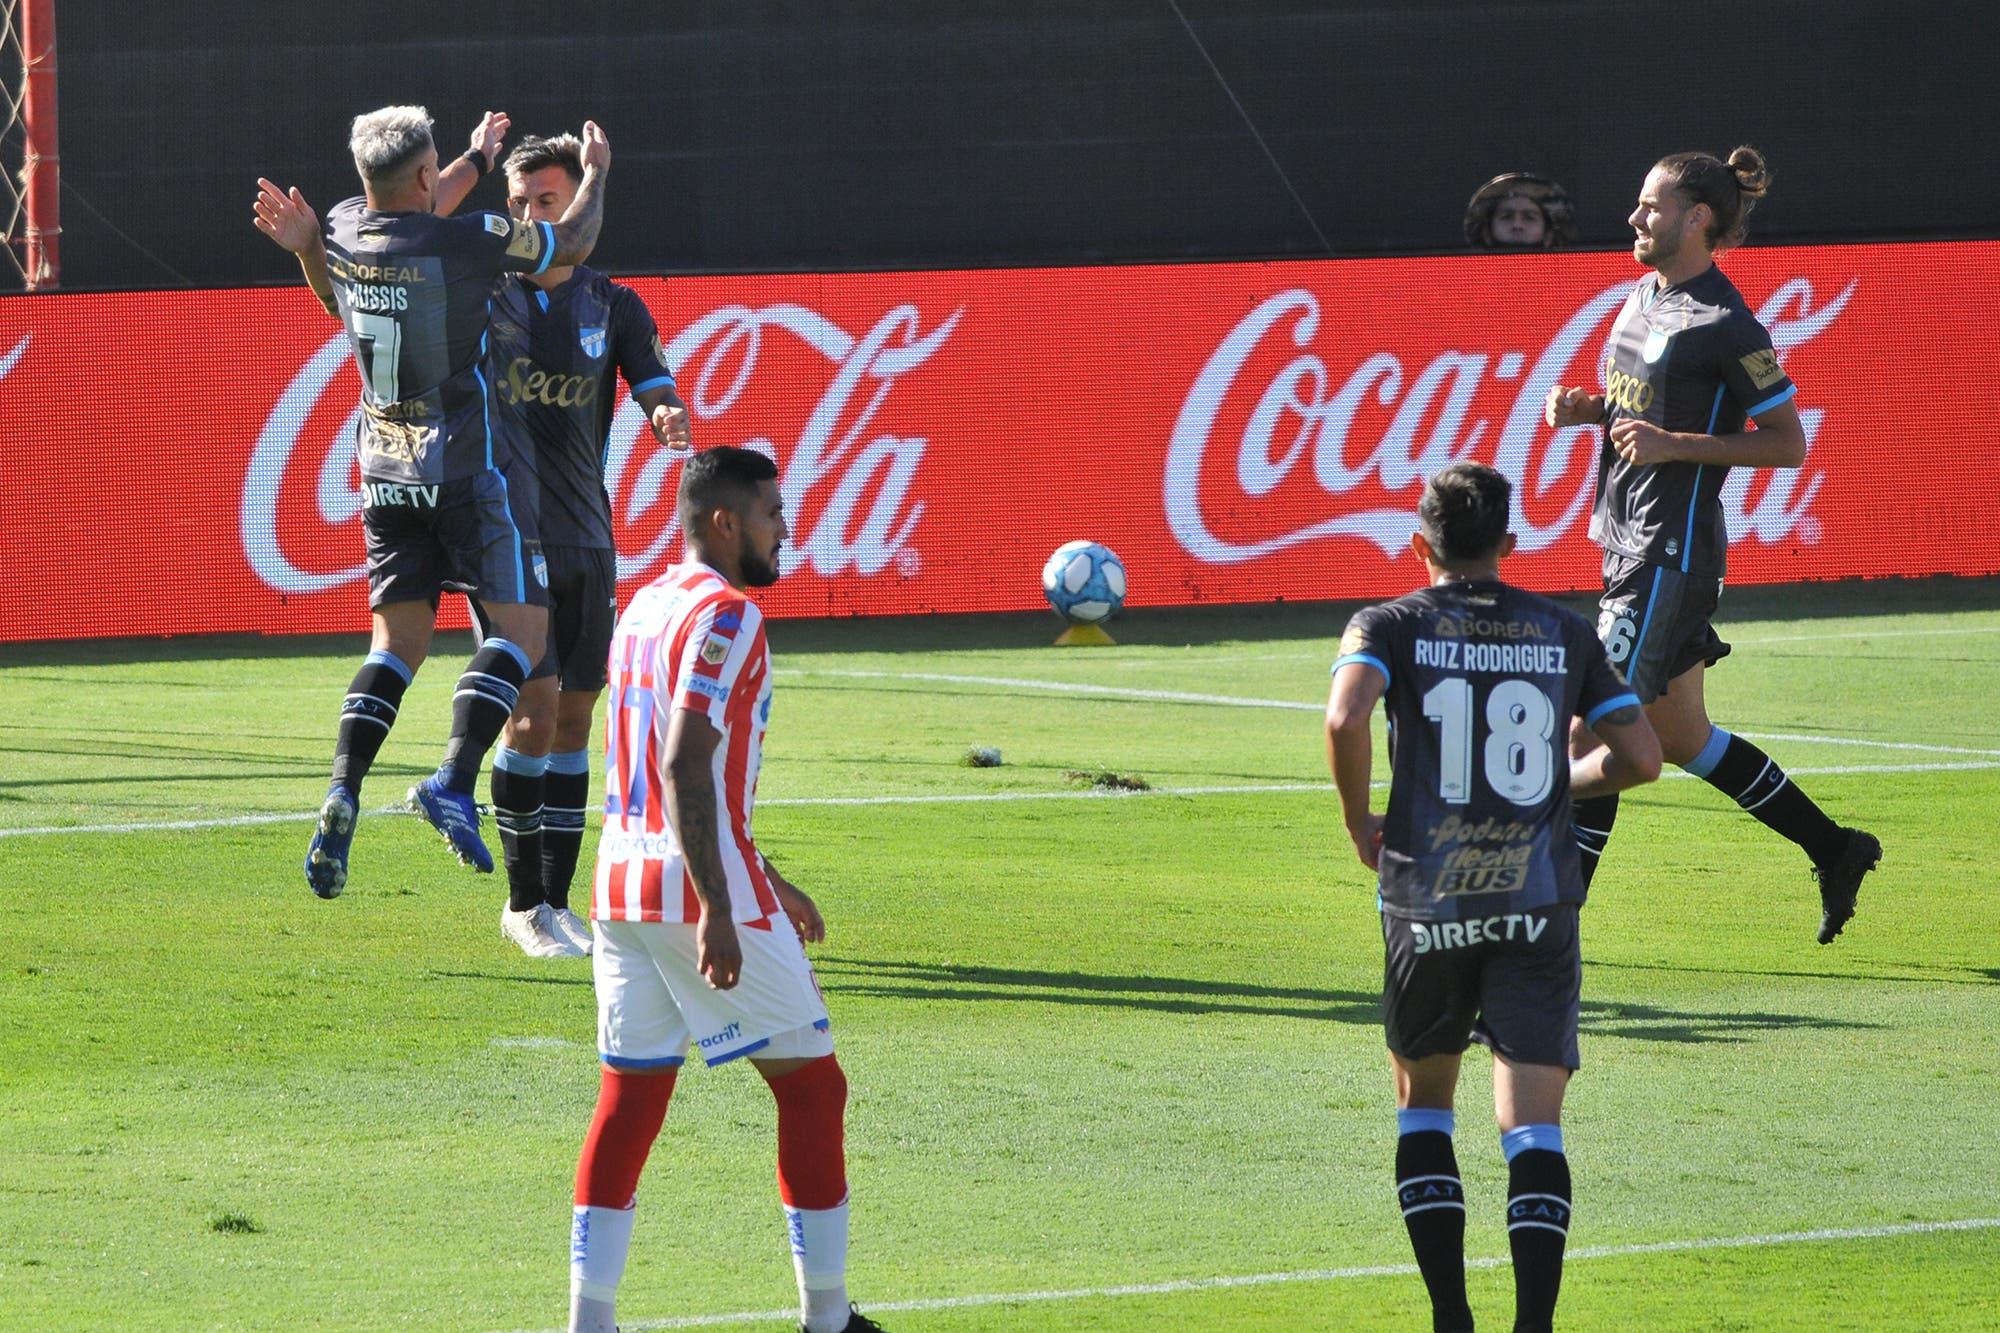 Unión perdió 5-3 con Atlético Tucumán, el imbatible, y se conformará con la zona Complementación de la Copa Diego Maradona